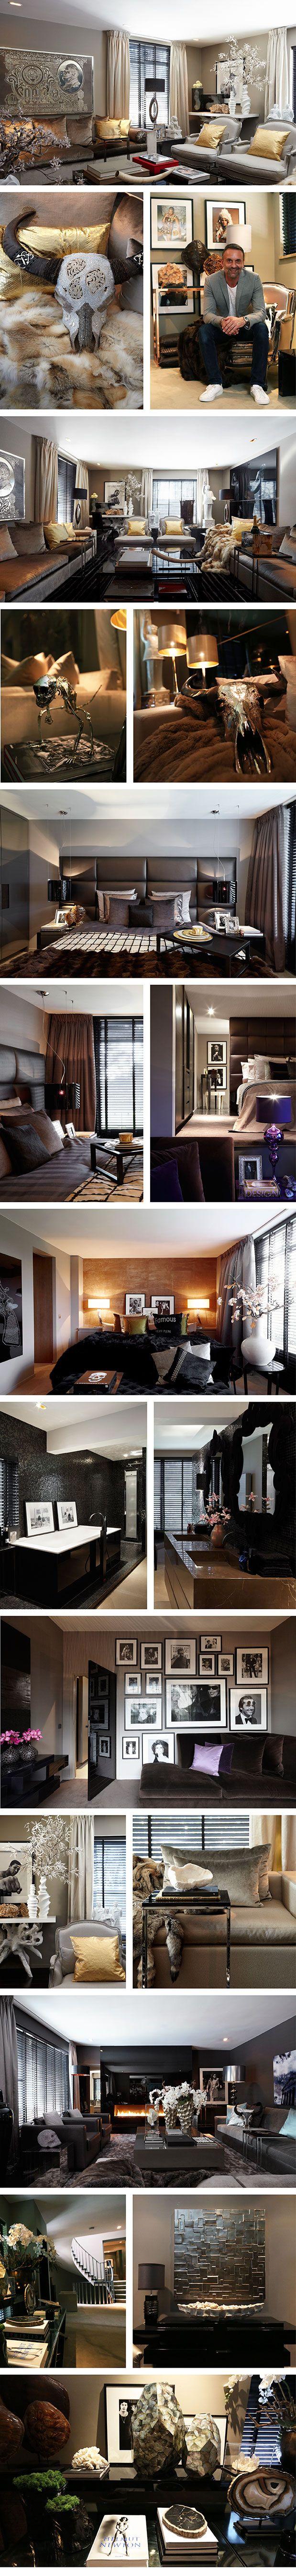 Binnenkijken bij Eric Kuster | Westwing Home & Living Magazine